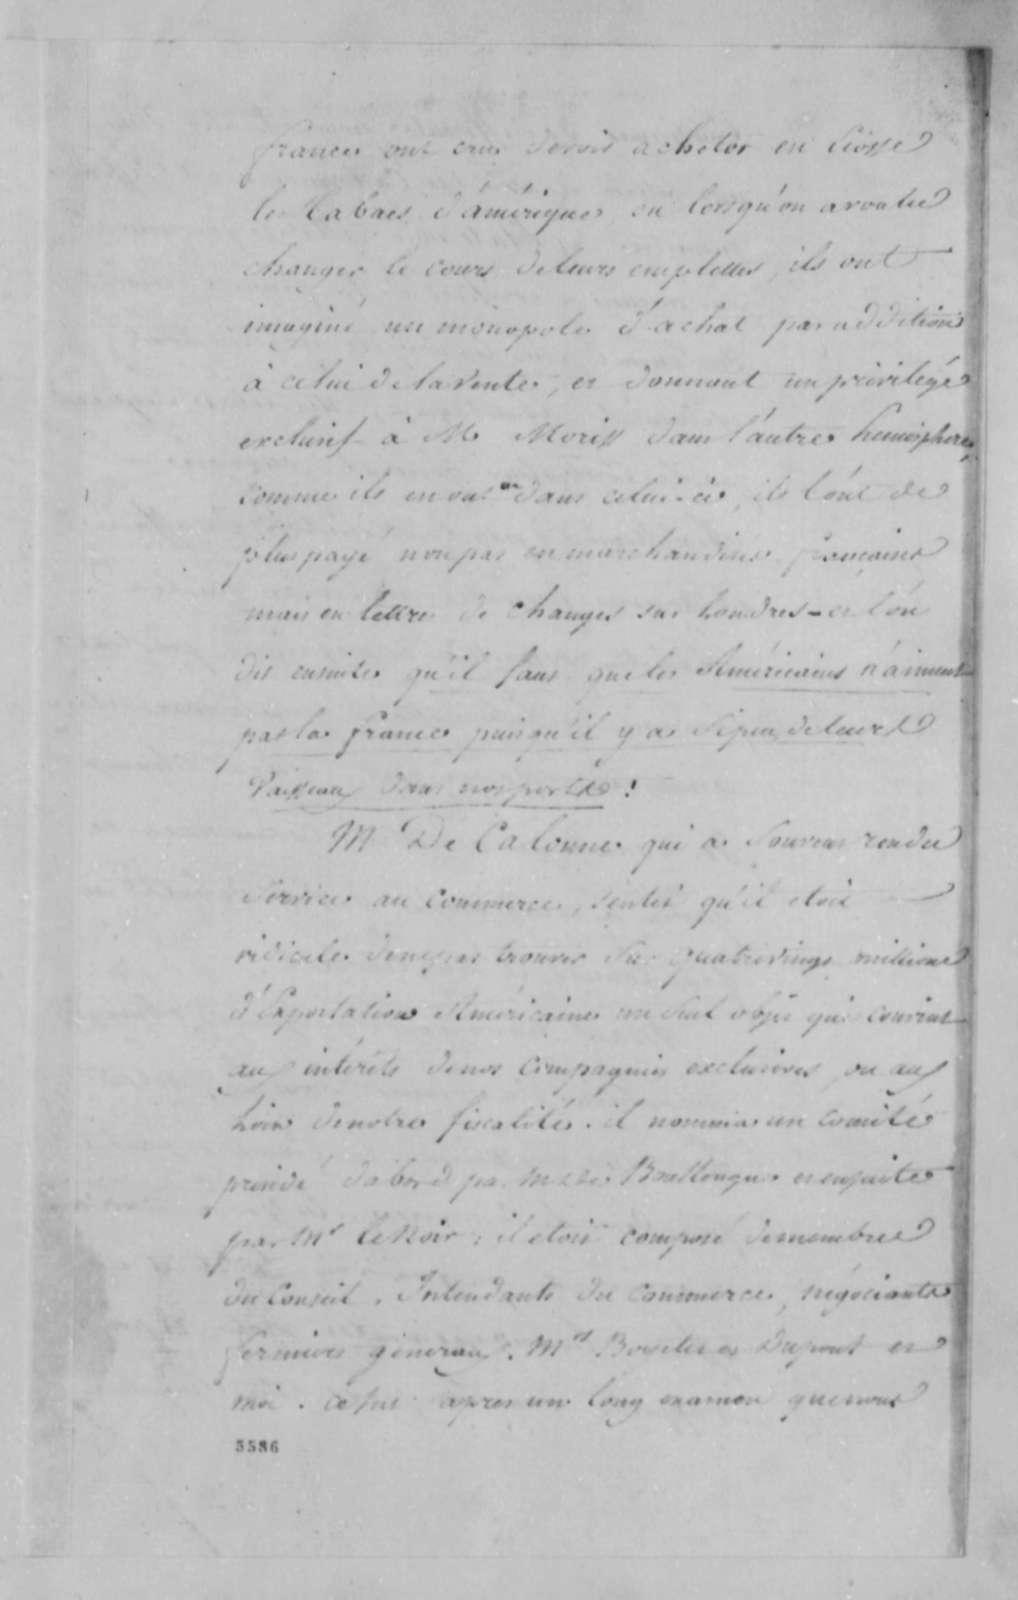 Marie Joseph Paul Yves Roch Gilbert du Motier, Marquis de Lafayette to Charles G. Lambert, September 10, 1787, in French